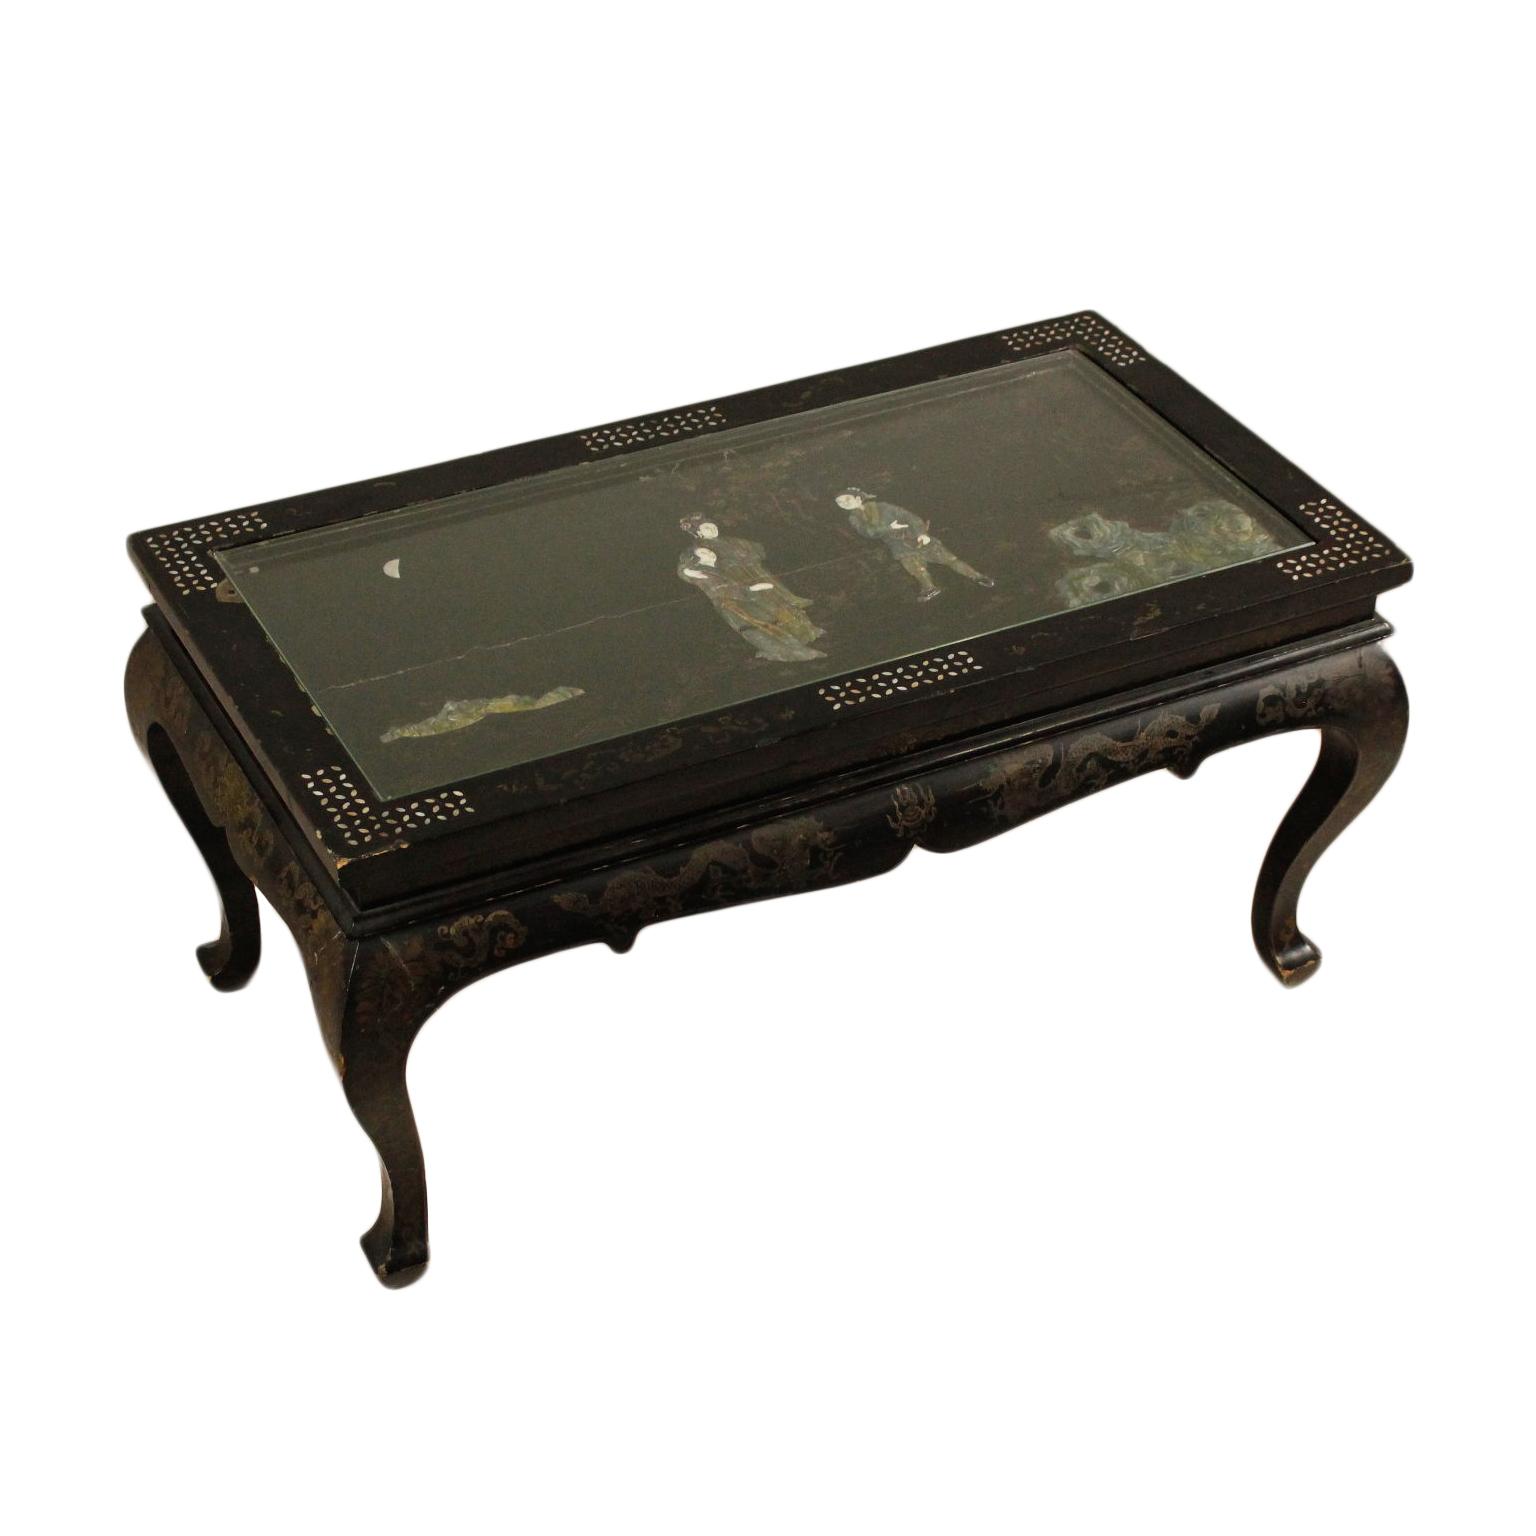 Tavolini Da Salotto Arredamento.Tavolino Da Salotto Orientale Mobili In Stile Bottega Del 900